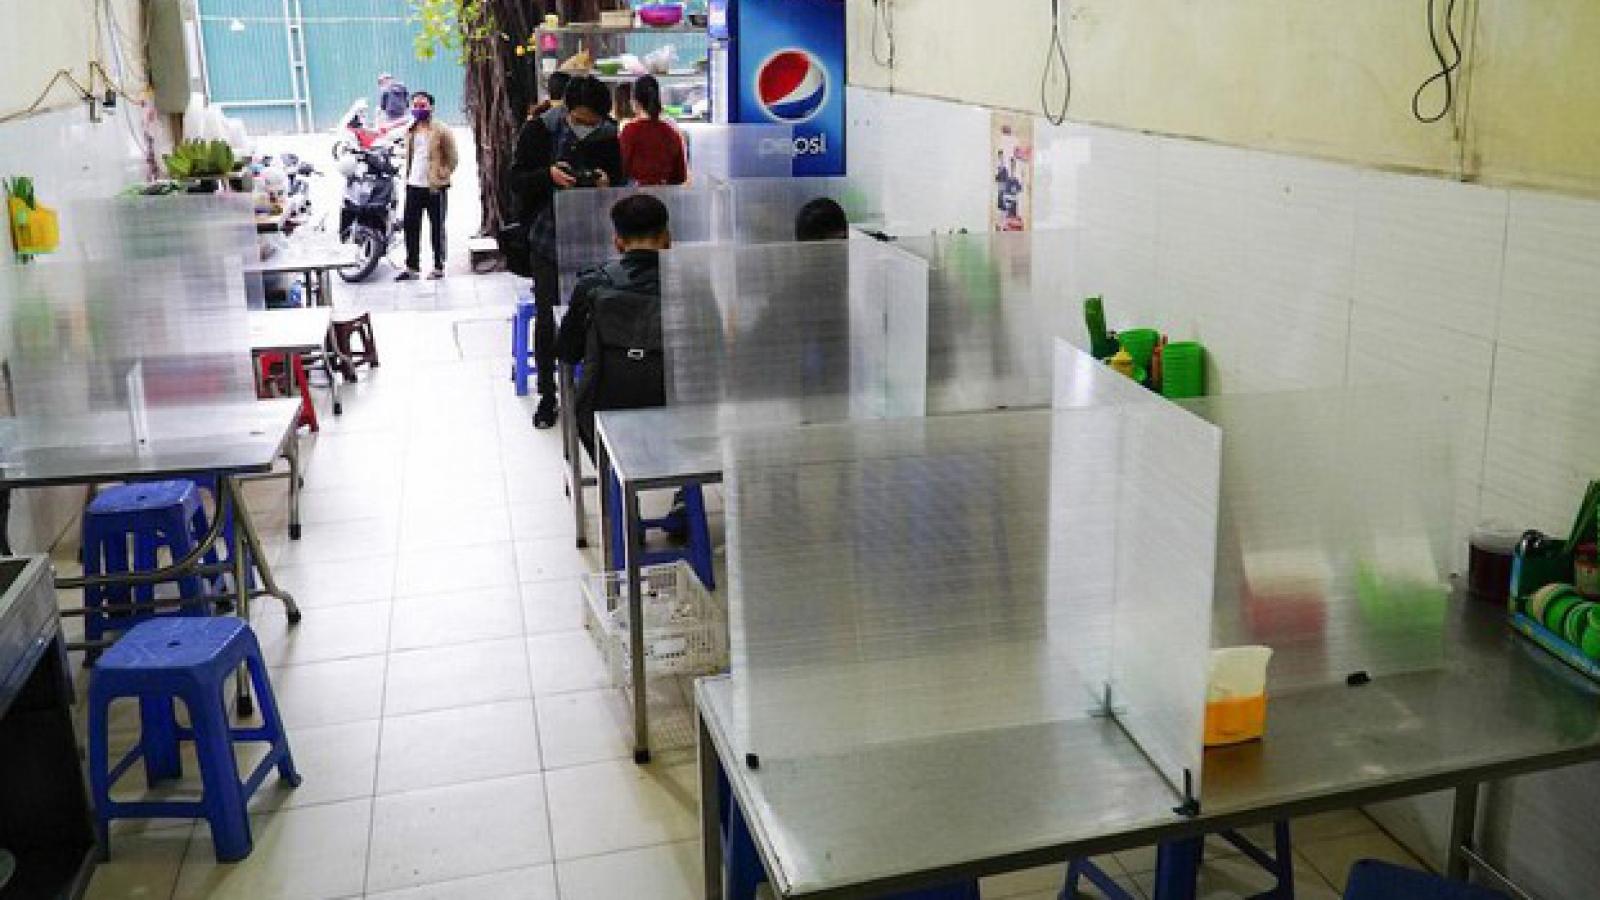 Hà Nội mở cửa trở lại dịch vụ cắt tóc, gội đầu, quán ăn trong nhà từ 0h ngày 22/6